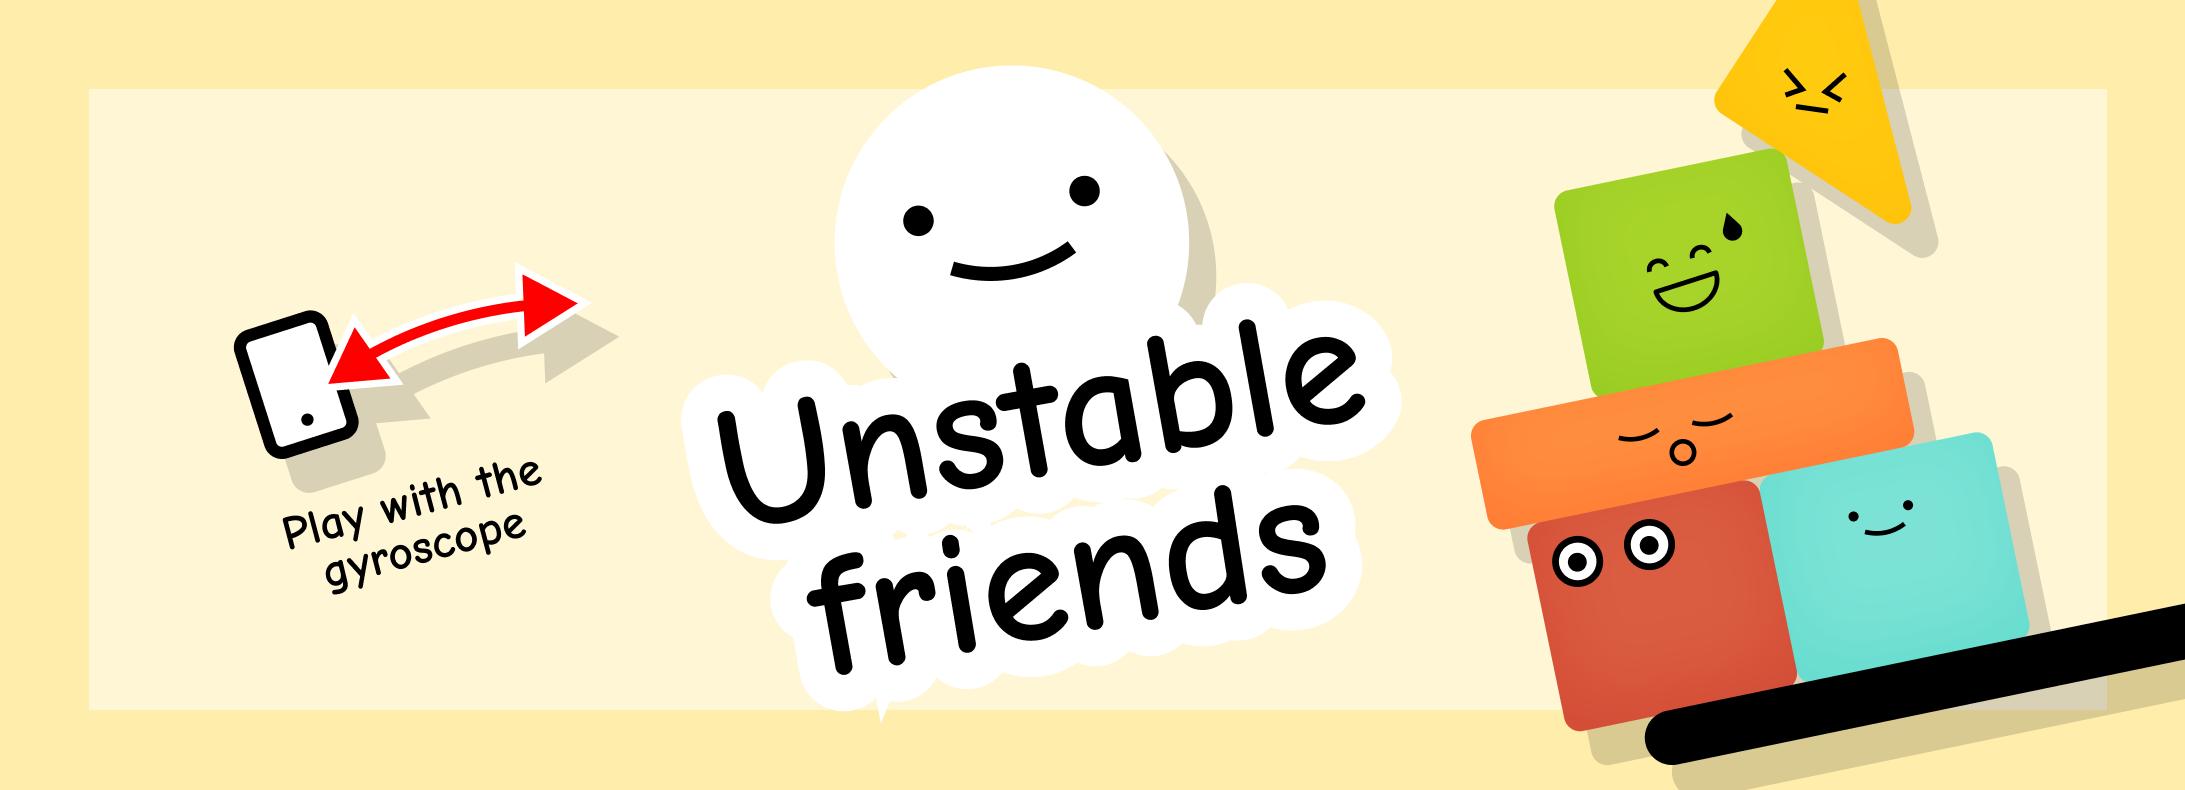 Unstable Friends 🙃